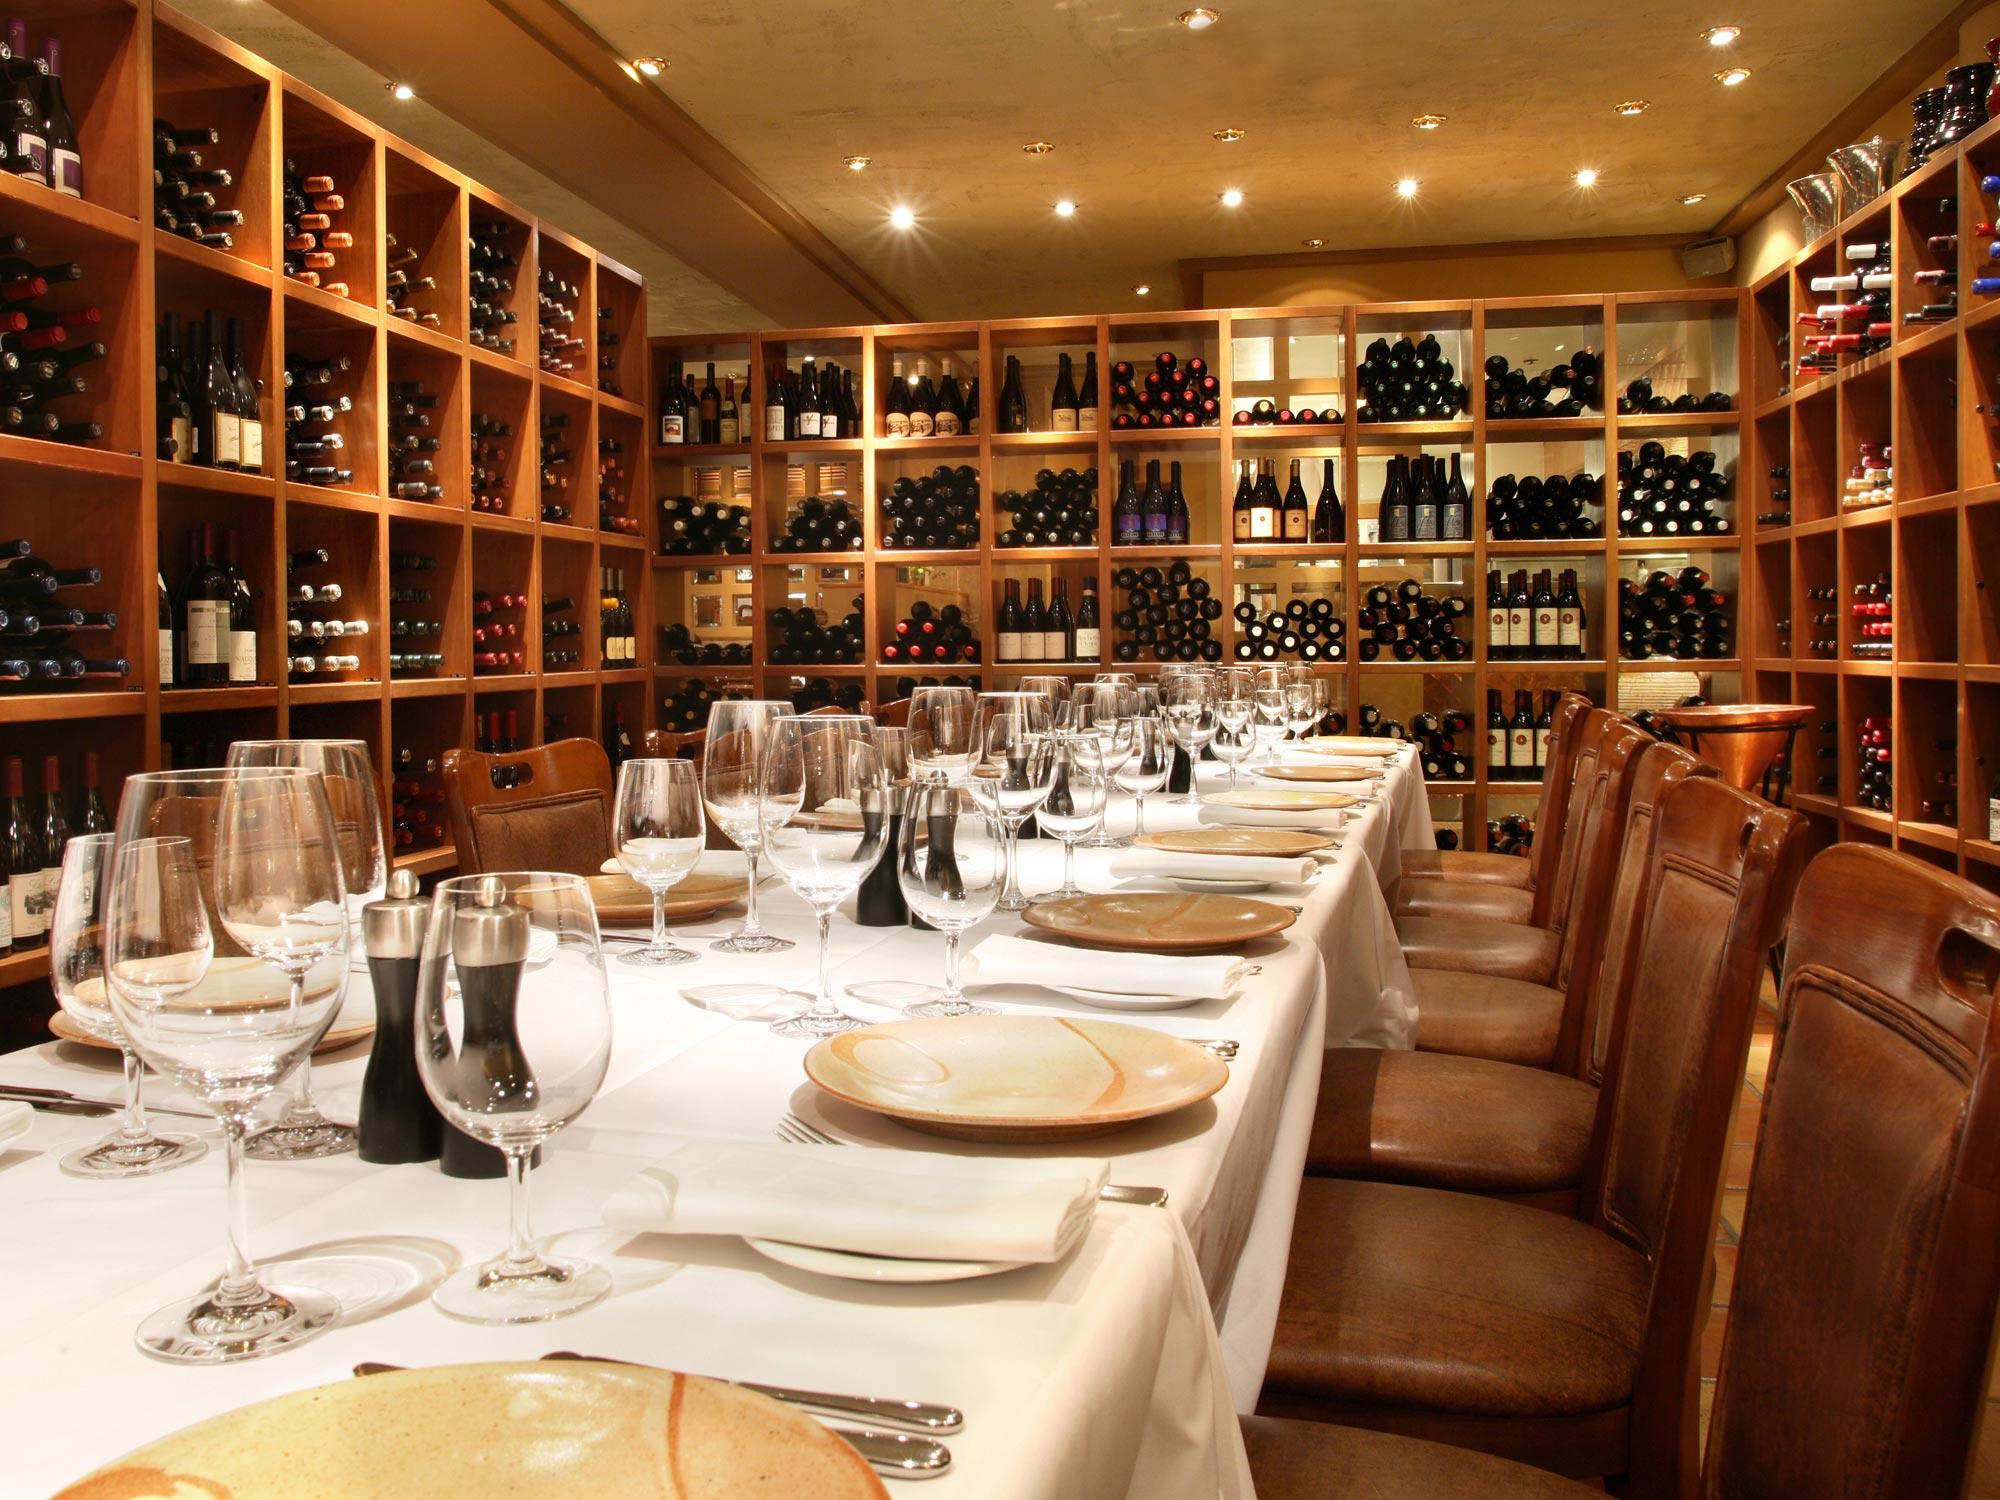 Araxi Restaurant And Bar